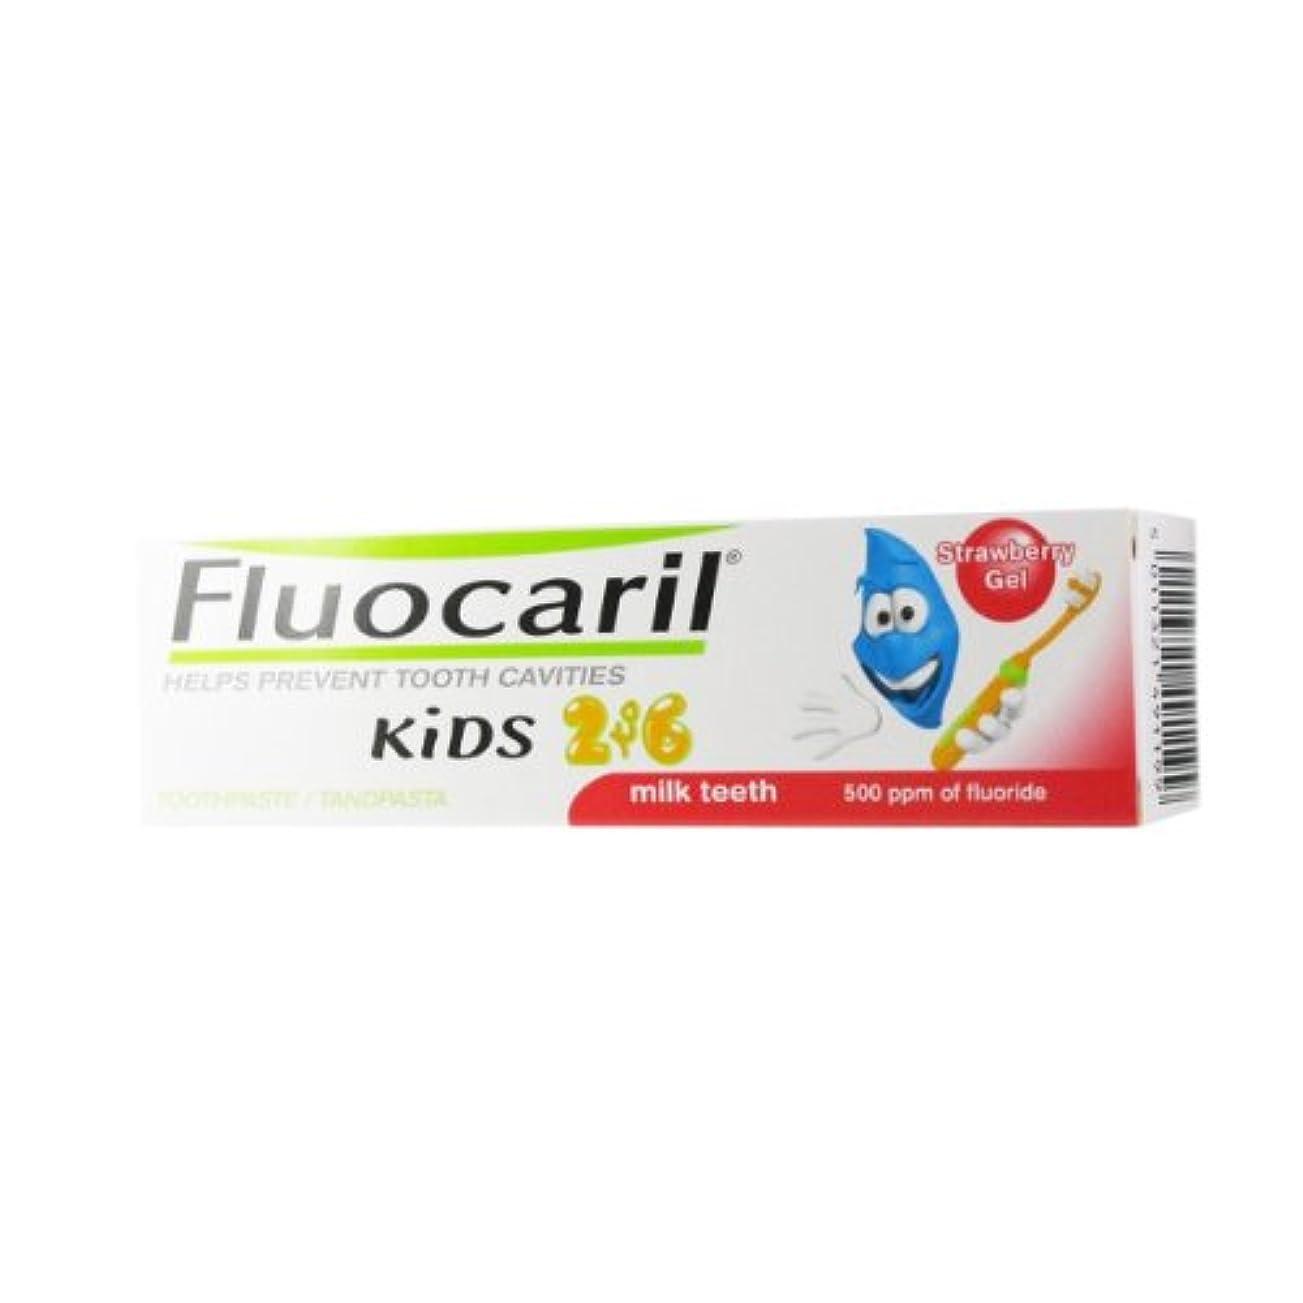 モード不利益ジレンマFluocaril Kids 2 To 6 Strawberry Gel 50ml [並行輸入品]